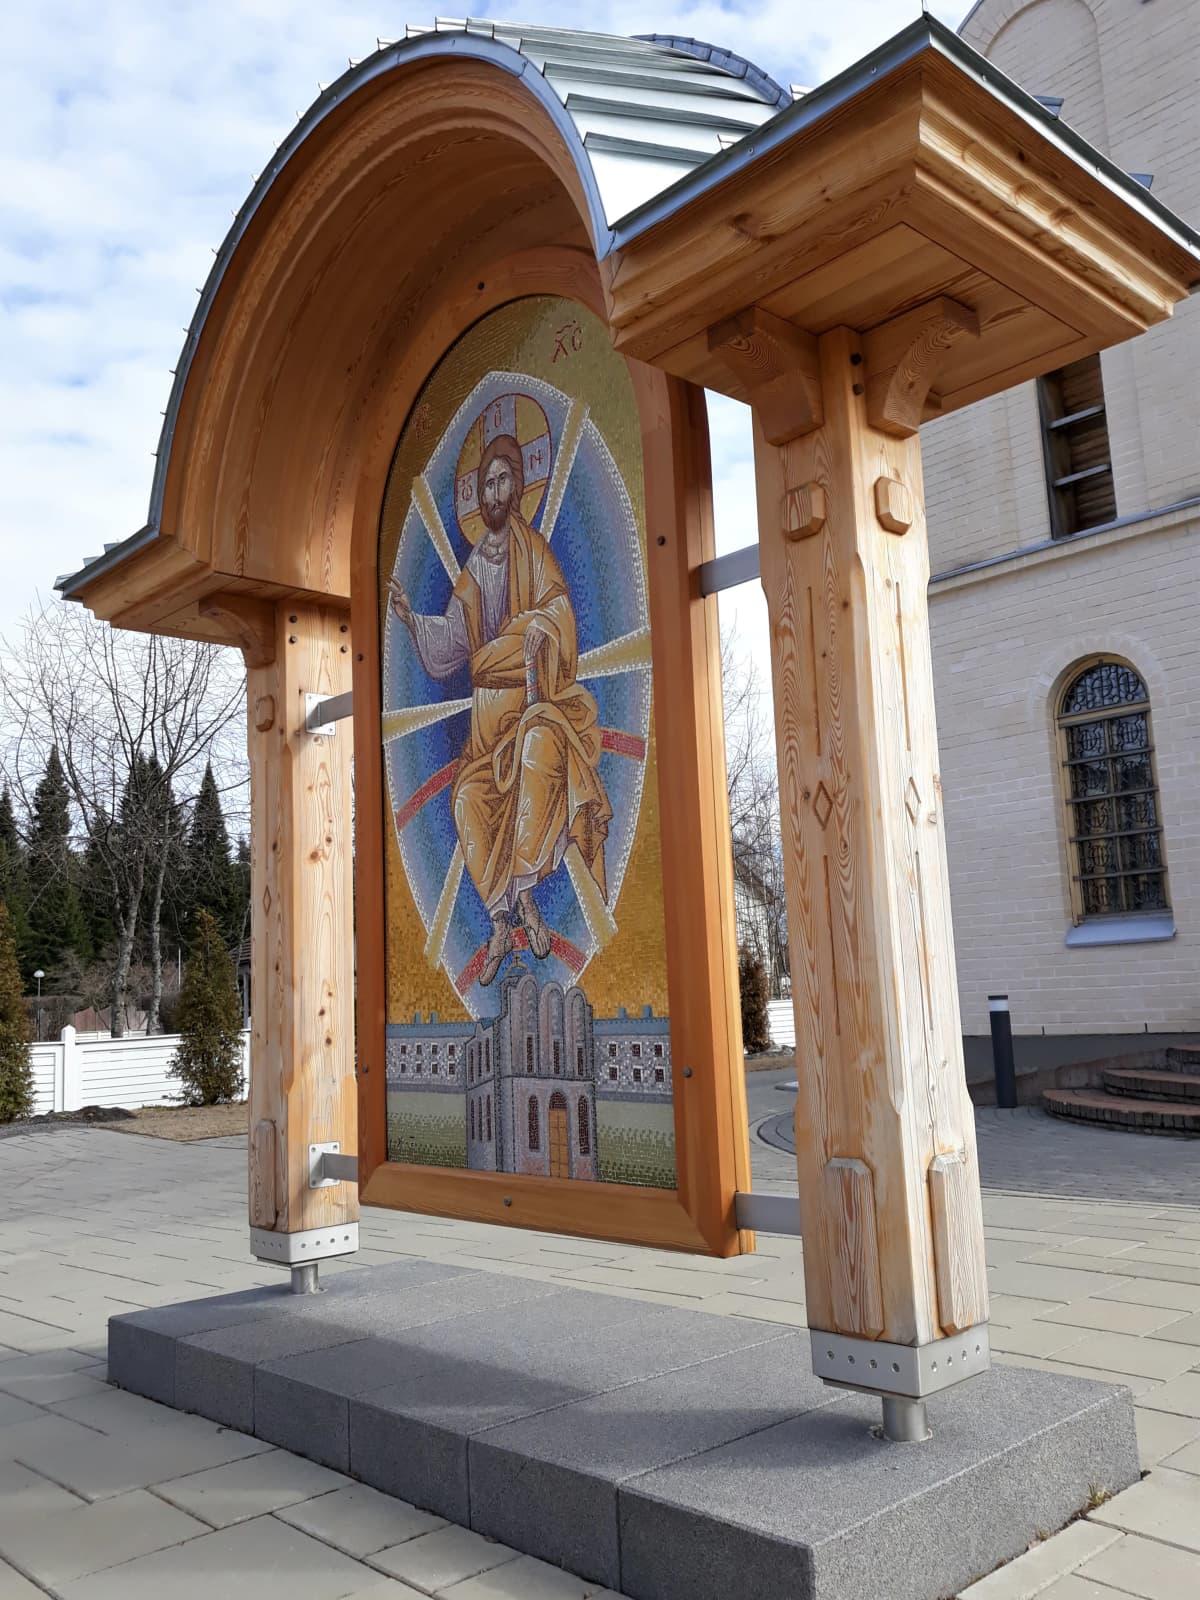 Mosaiikki-ikoni seisoo Puuartistin tekemän puisen holvikaarikatoksen suojissa ortodoksisen seminaarin edessä.